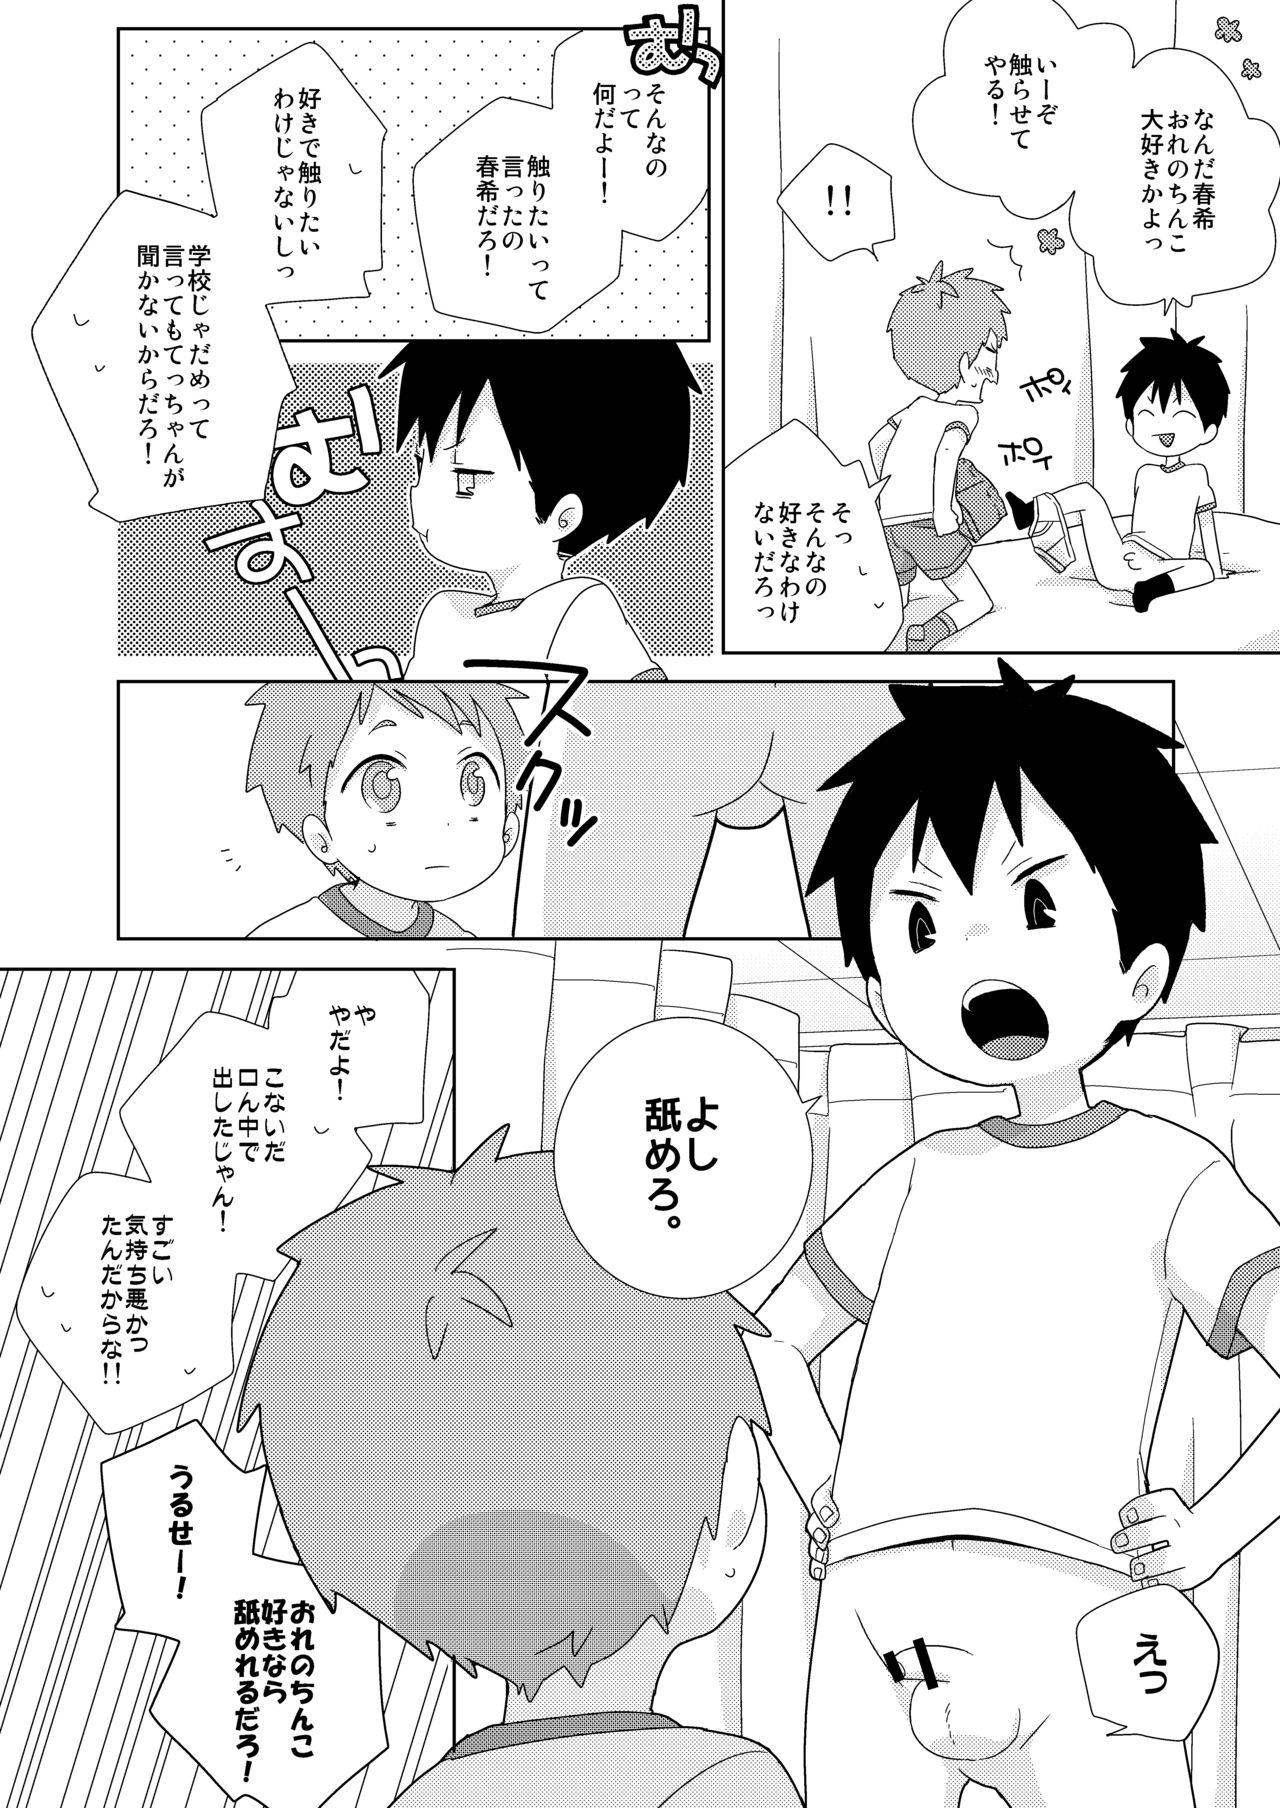 Tomodachi to wa Konna Koto Shinai! 5